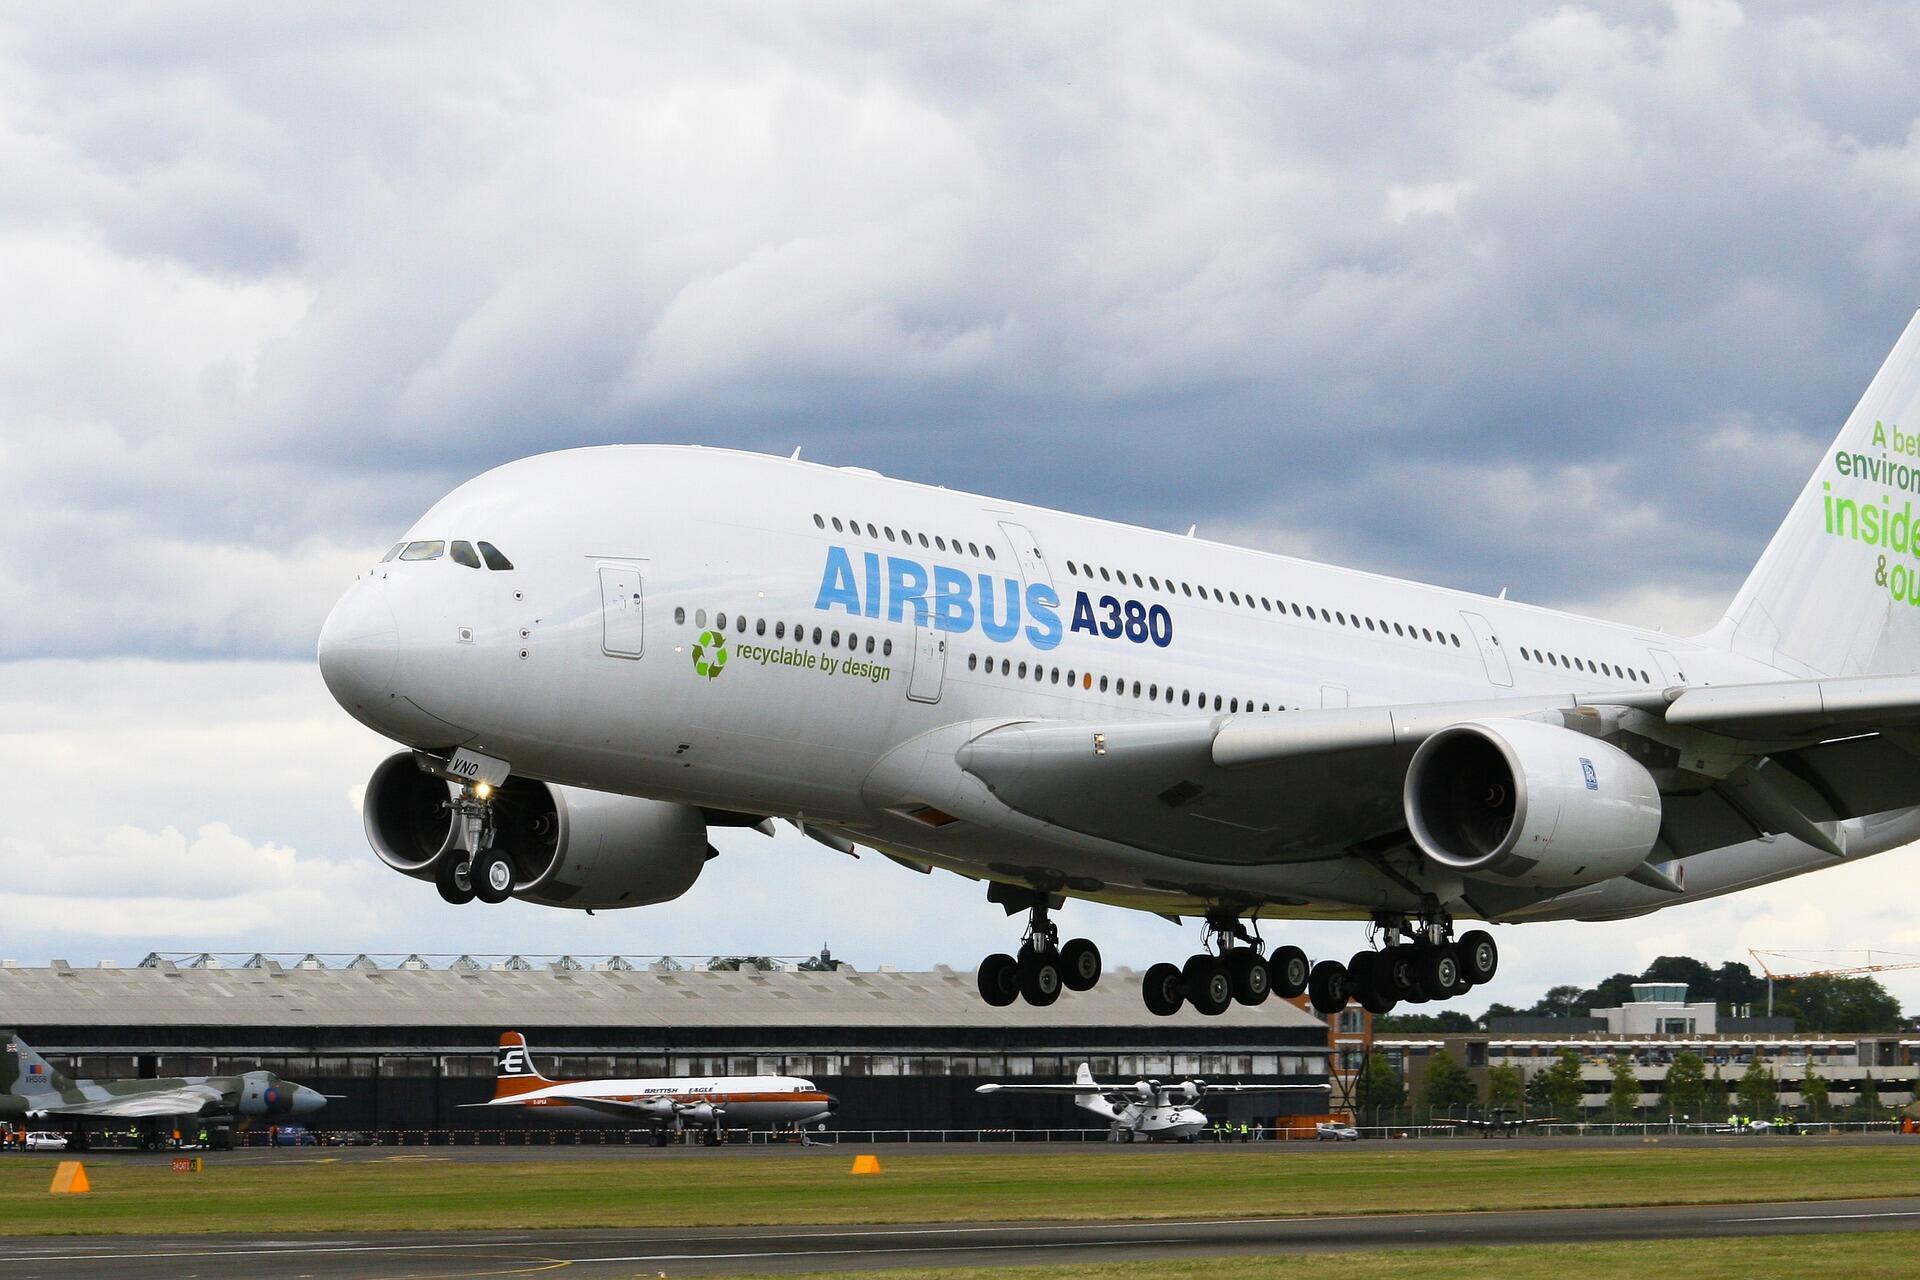 14/02/19- A Airbus anunciou nesta quinta-feira (14) o fim da produção do A380, um dos maiores aviões do mundo e um símbolo da empresa, que terá as últimas entregas concluídas em 2021.